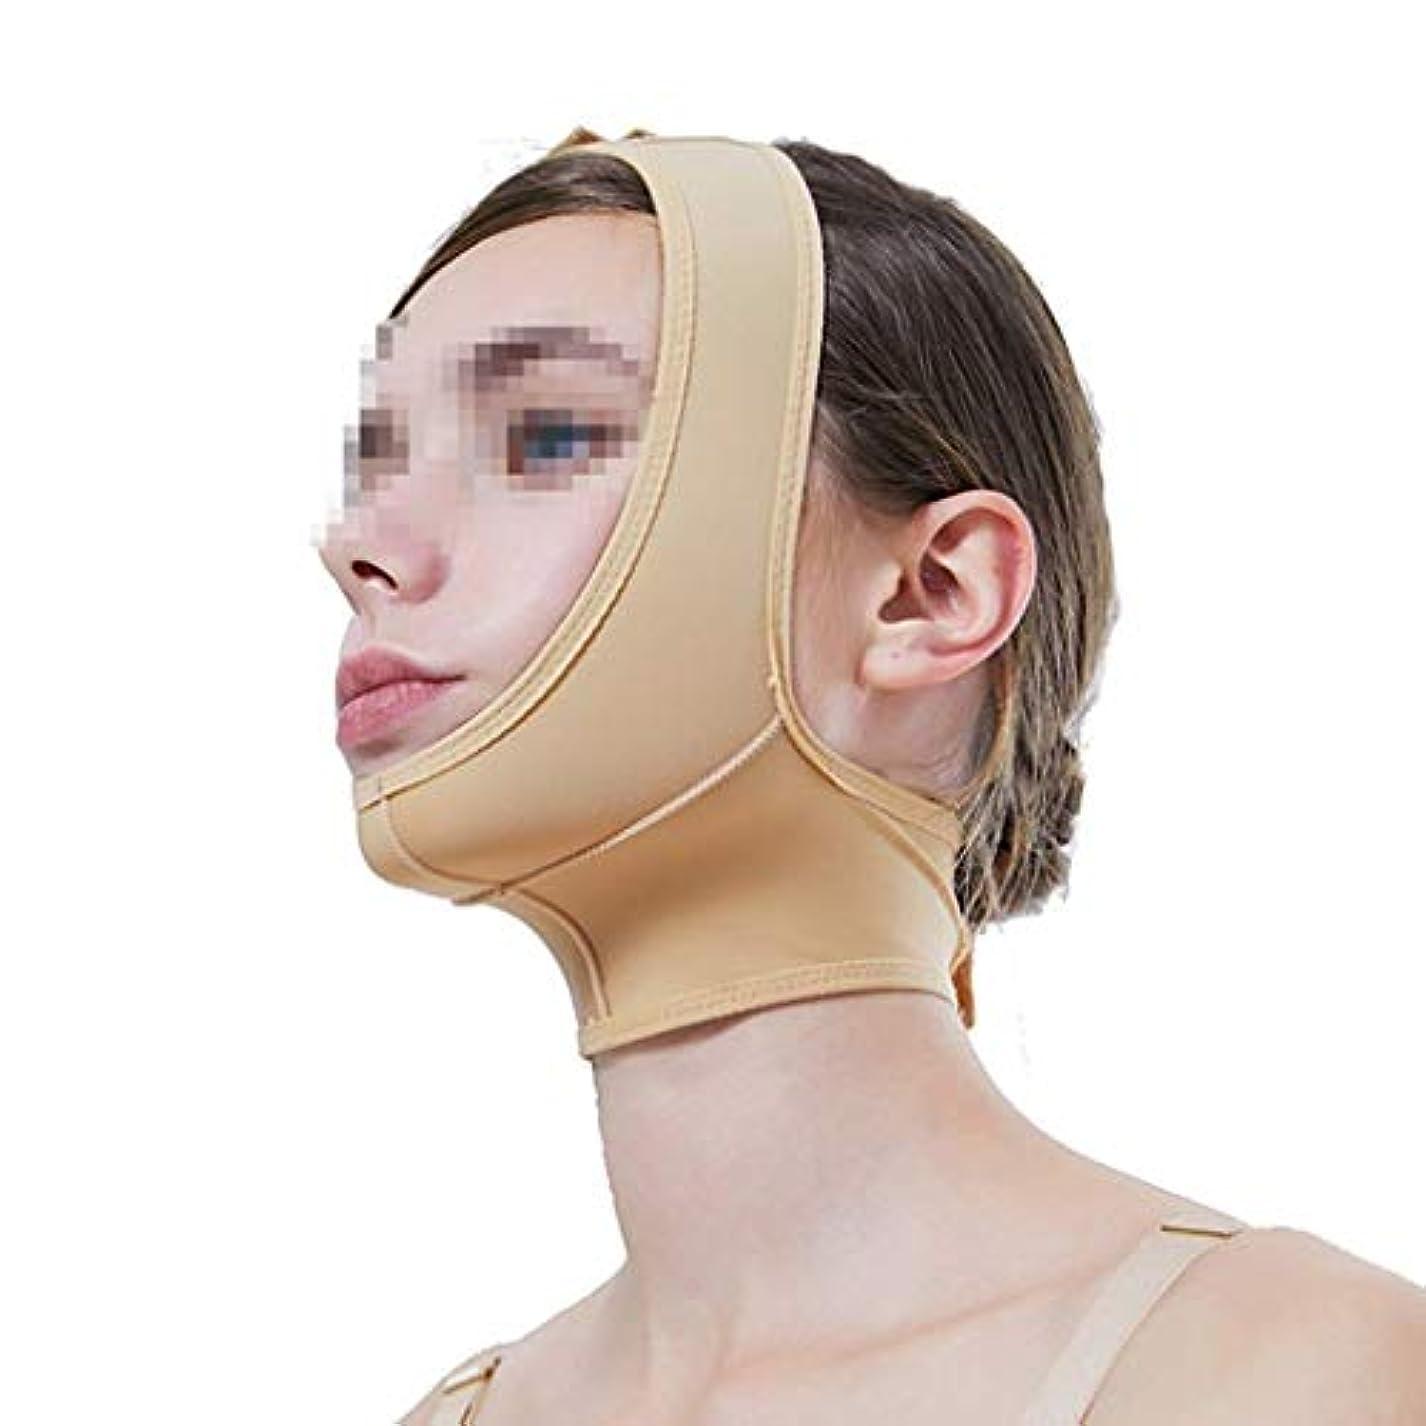 シャツ洗剤離婚弾性の薄いフェイスフード、下顎スリーブ術後の弾性スリーブフェイスVフェイスマスク付きダブルチンビーストバーマルチサイズオプション(サイズ:S)